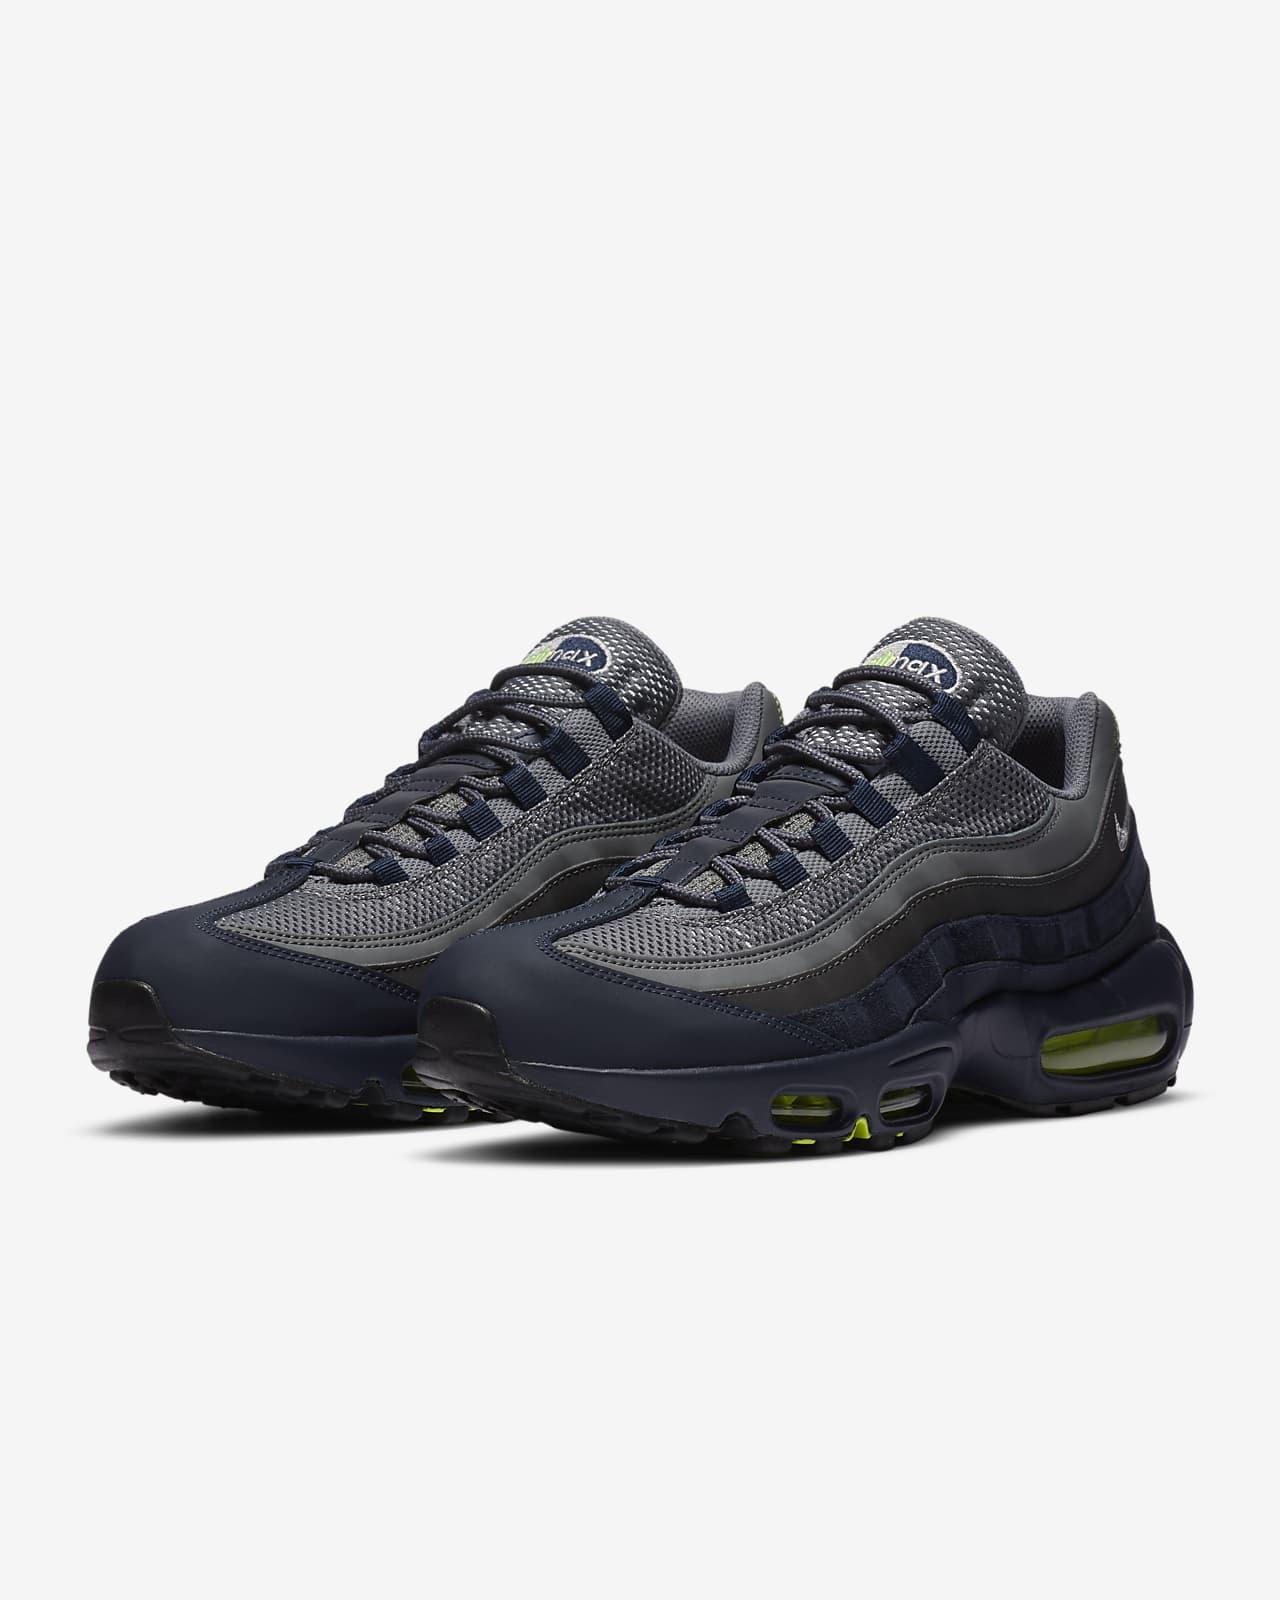 Nike Air Max 95 Men's Shoe. Nike LU